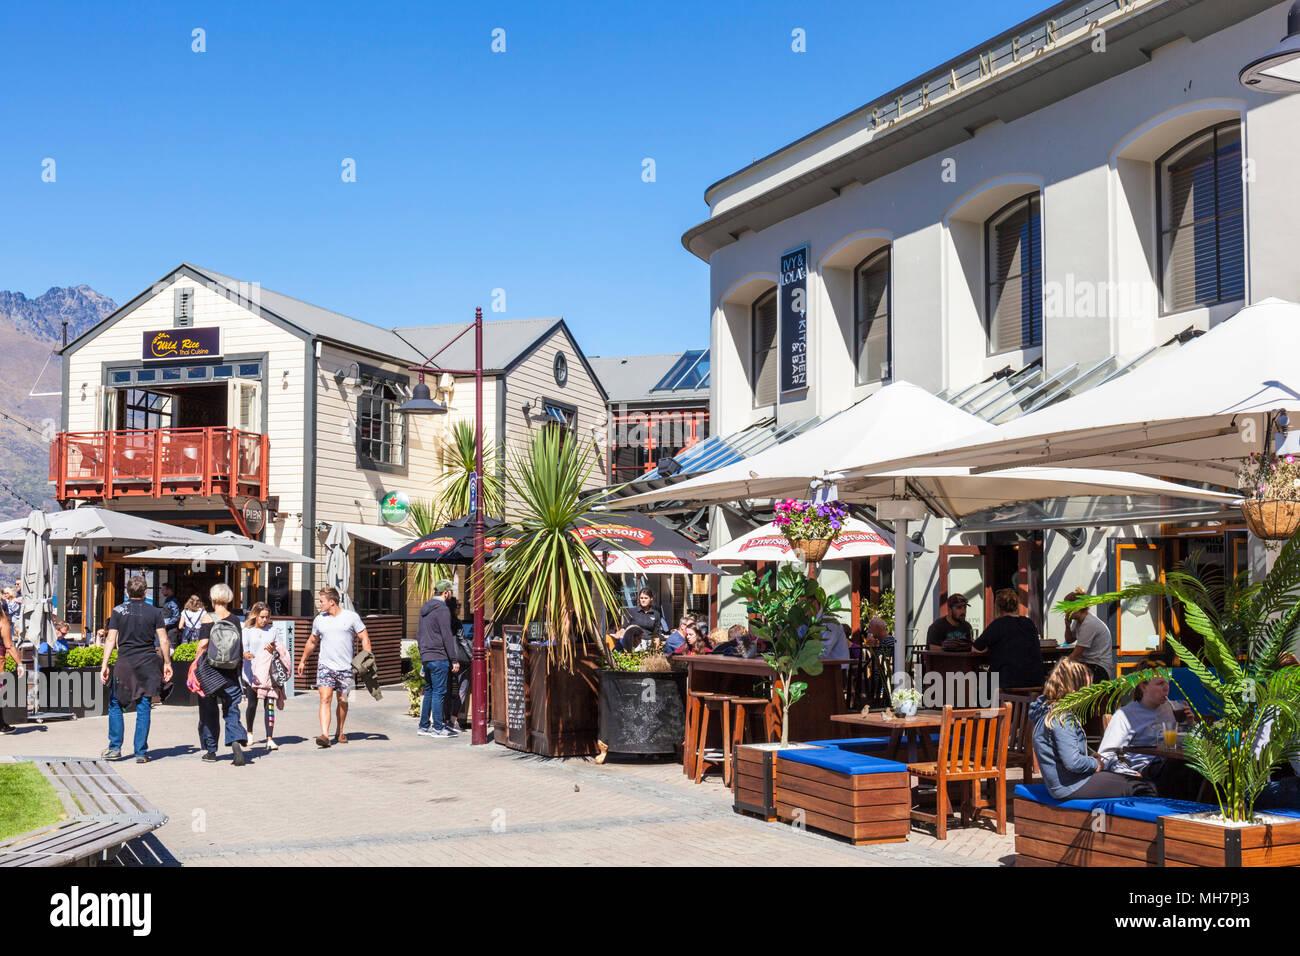 Queenstown Isola del Sud della Nuova Zelanda bar edera e Lola's e pier ristorante sul lungomare vicino al sistema di cottura a vapore quay centro di Queenstown Nuova Zelanda nz Immagini Stock